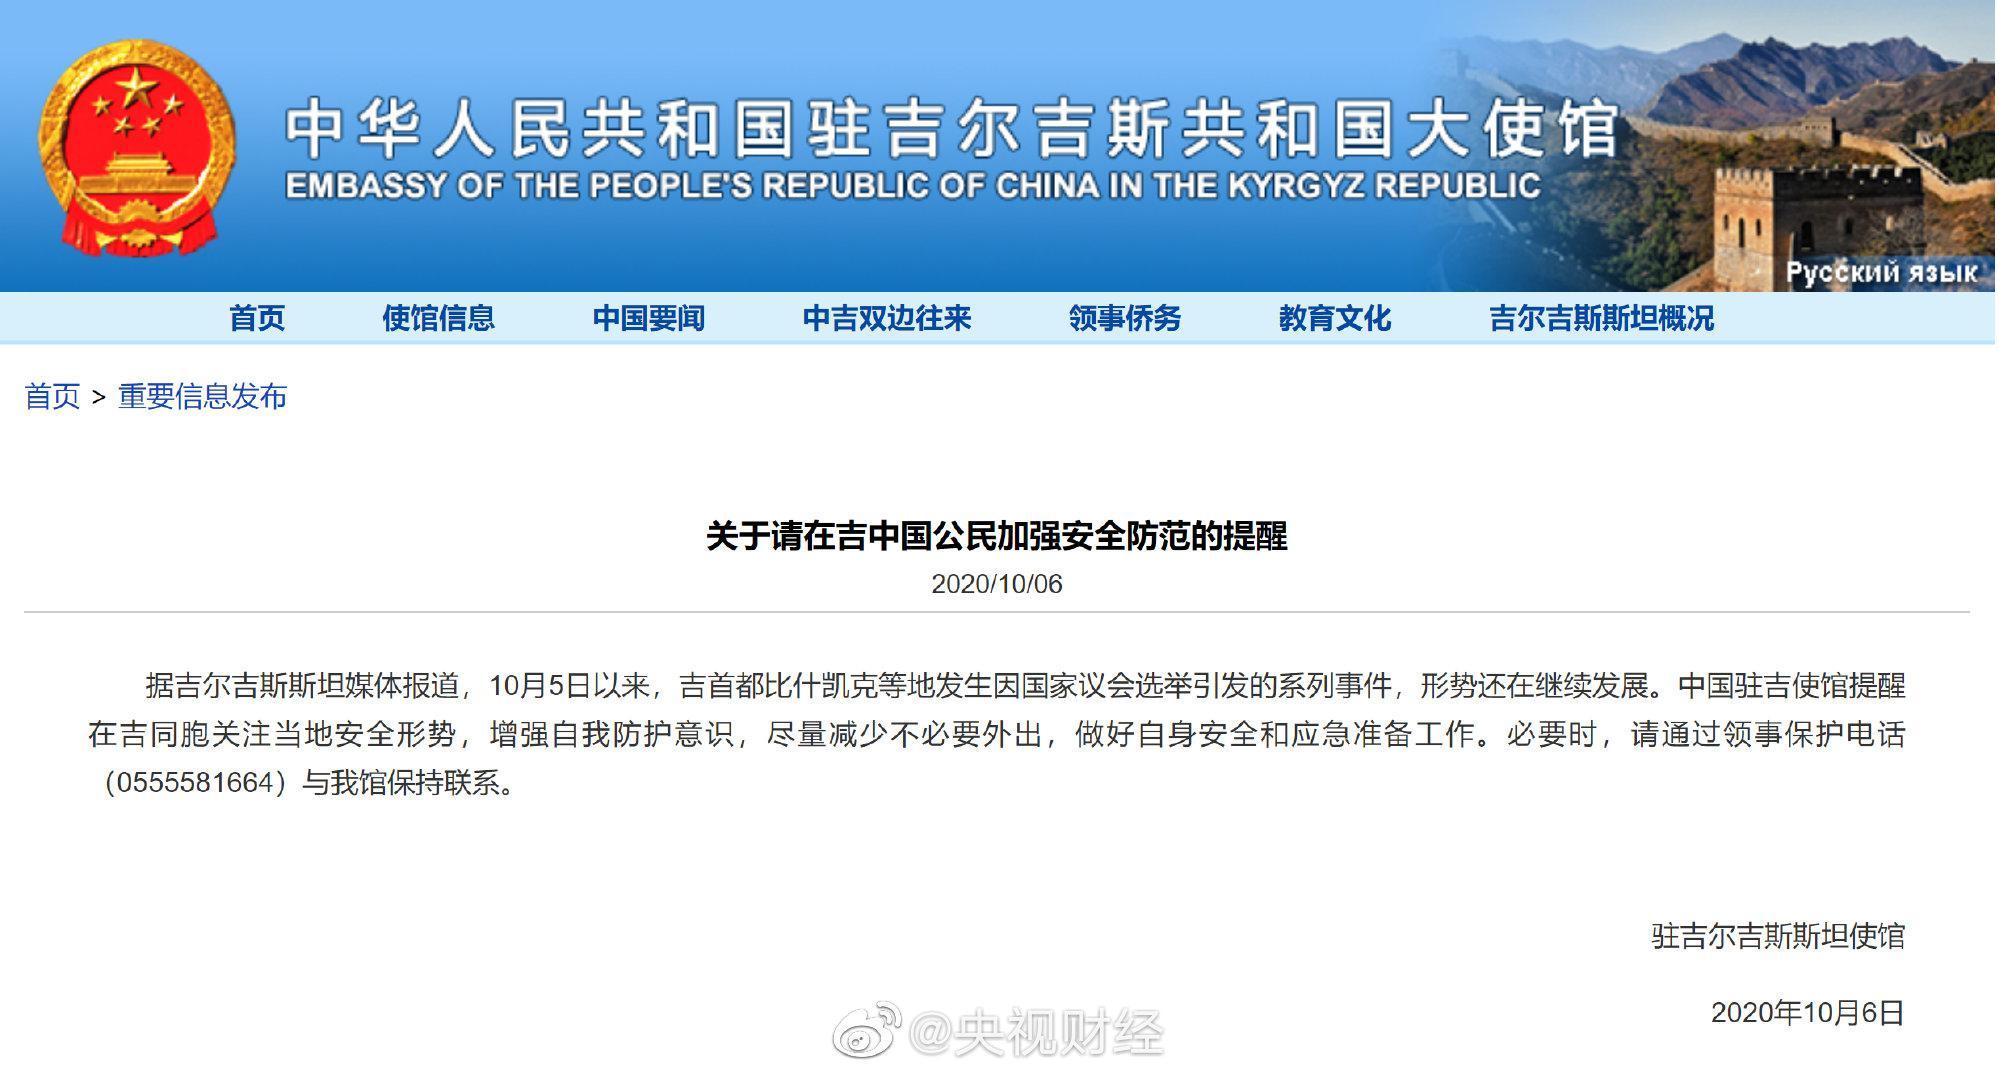 中国驻吉使馆发布紧急提醒:请记住这个重要电话号码图片